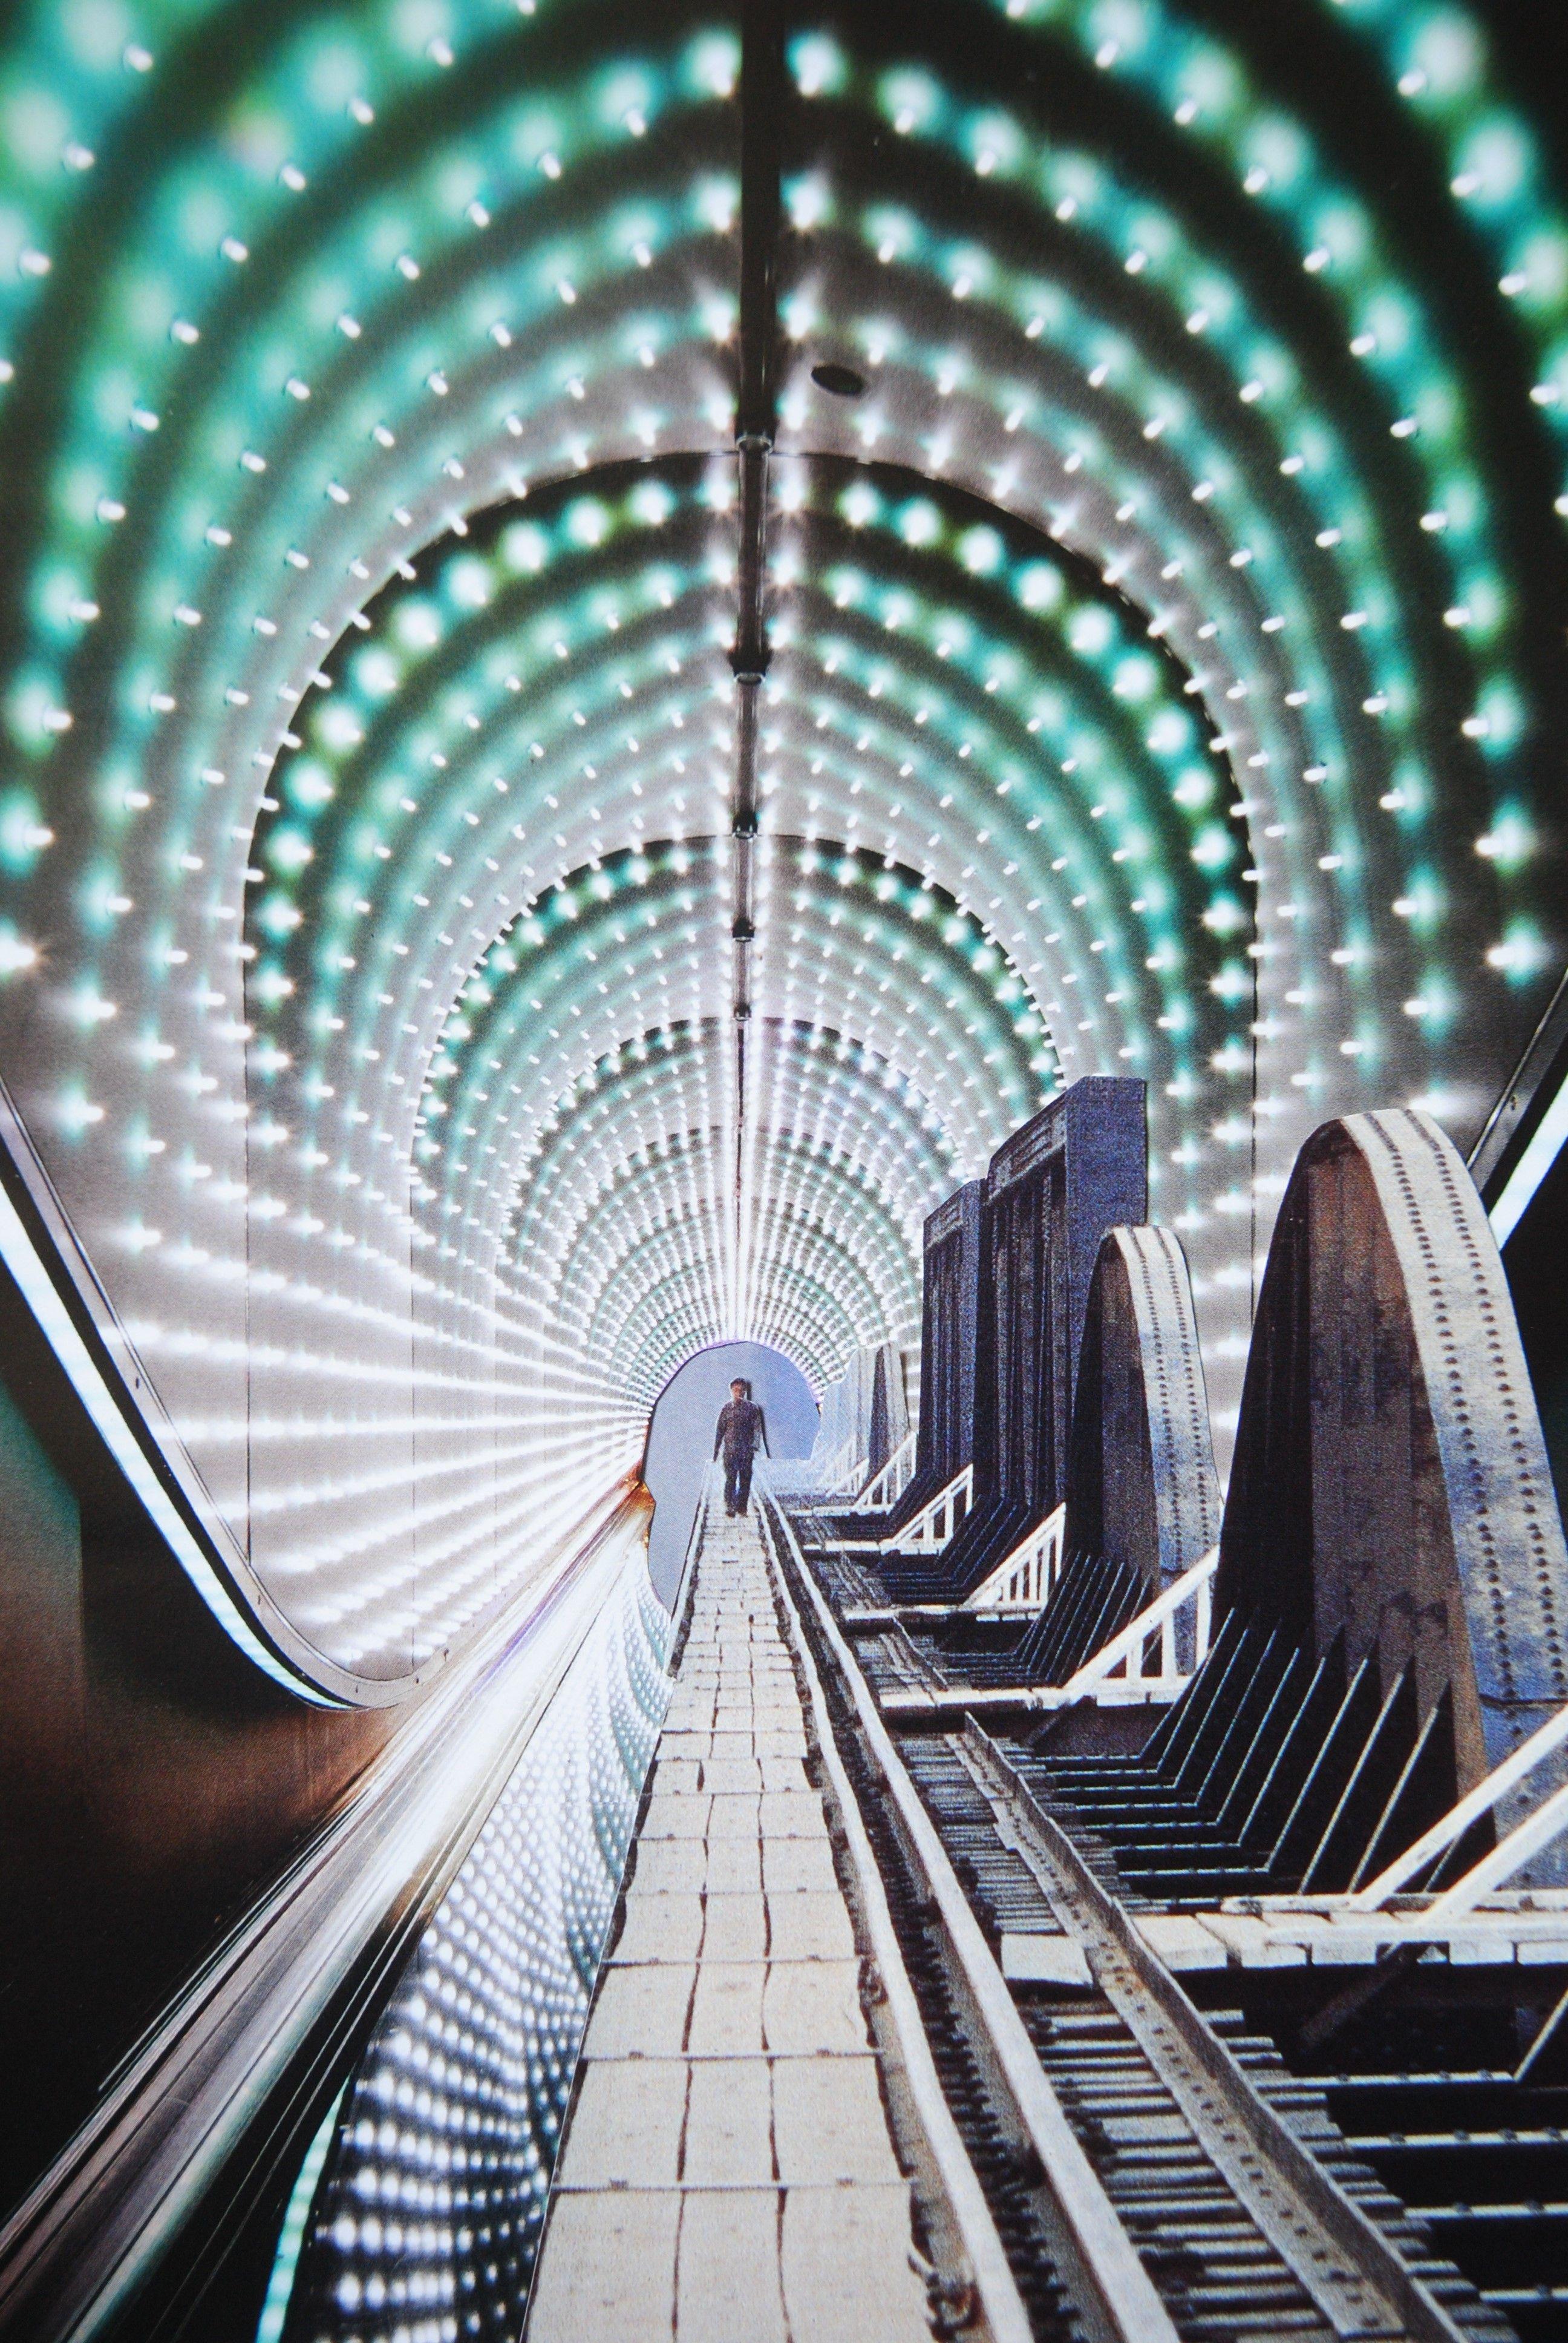 Tunnel, John Turck Collage | John Turck Collage Art | Collage art